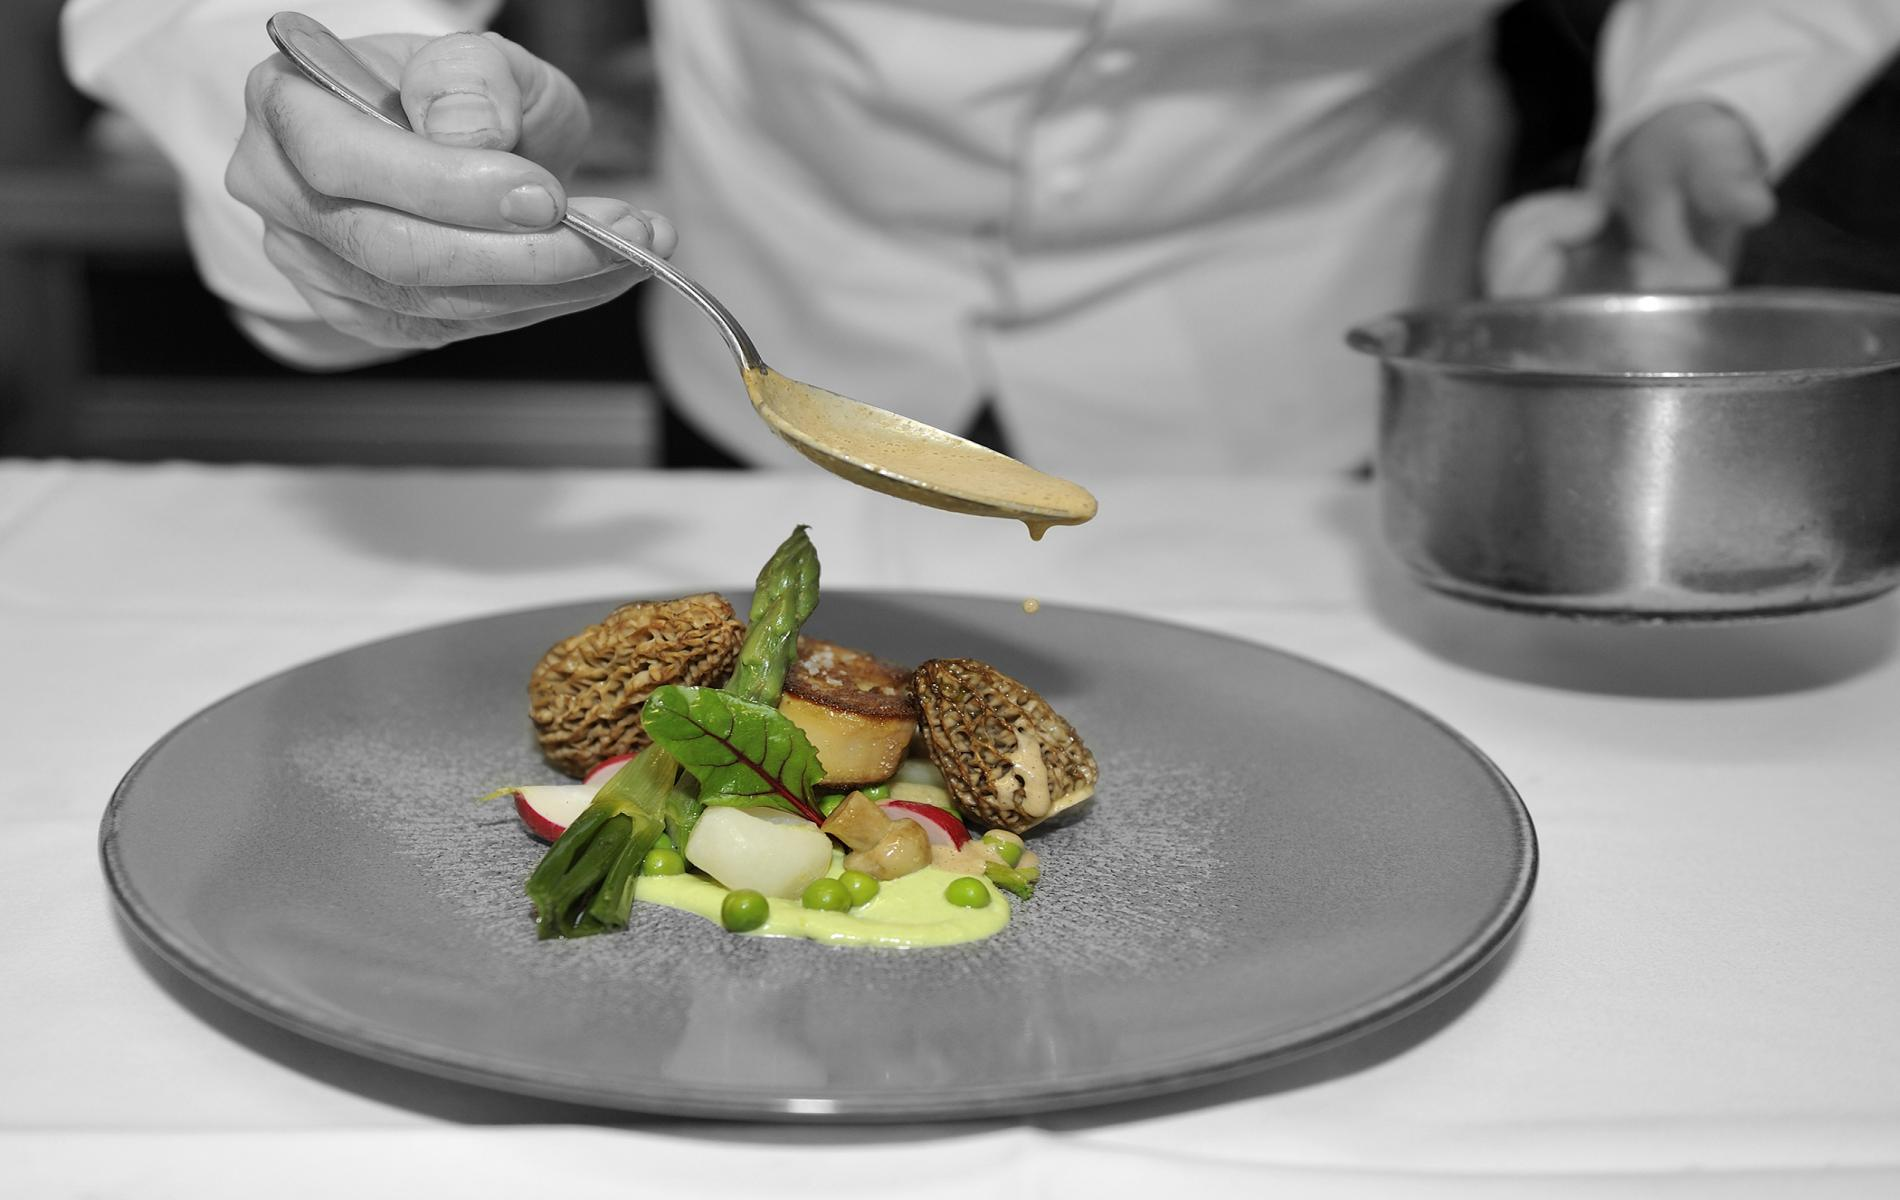 Cuisine blois affordable cuisine cours de cuisine blois for Professeur de cuisine